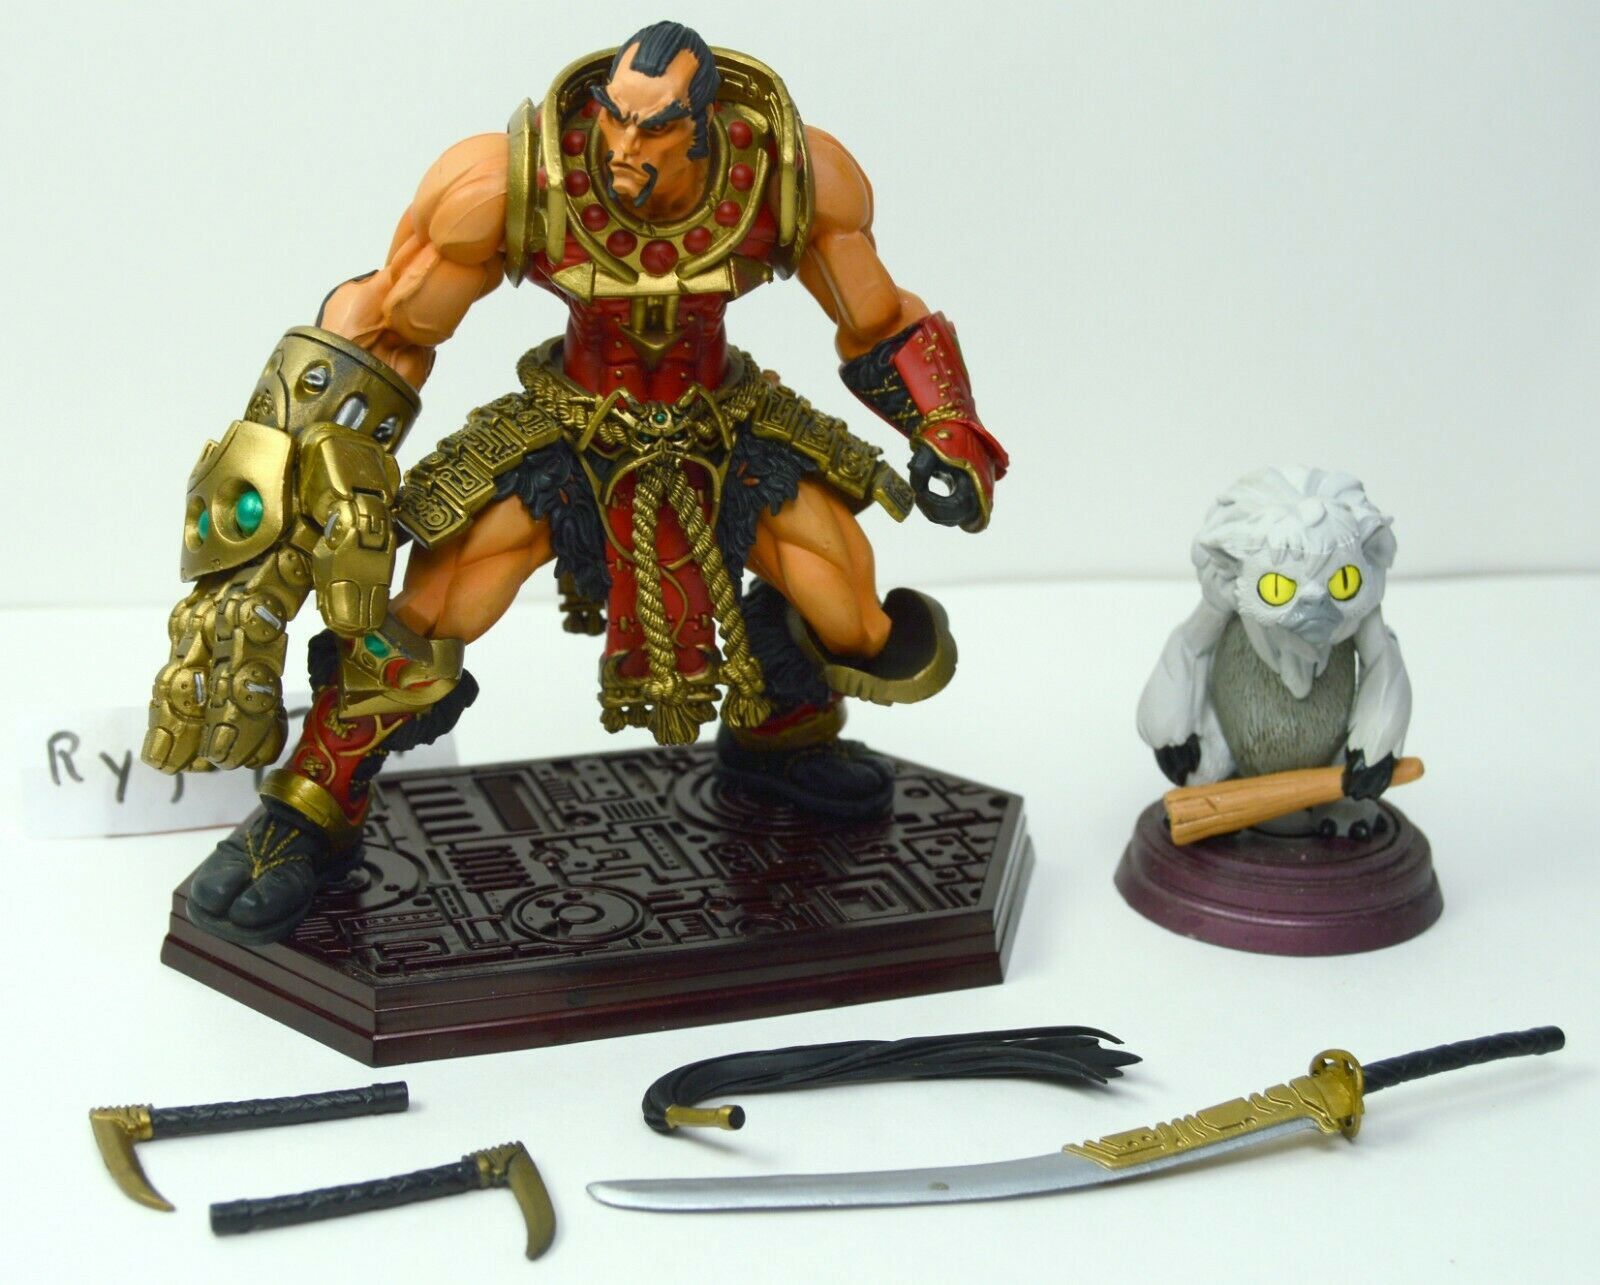 Amos del Universo, Jitsu, Neca Estatua, 200x, Amos del Universo, He-man, figura